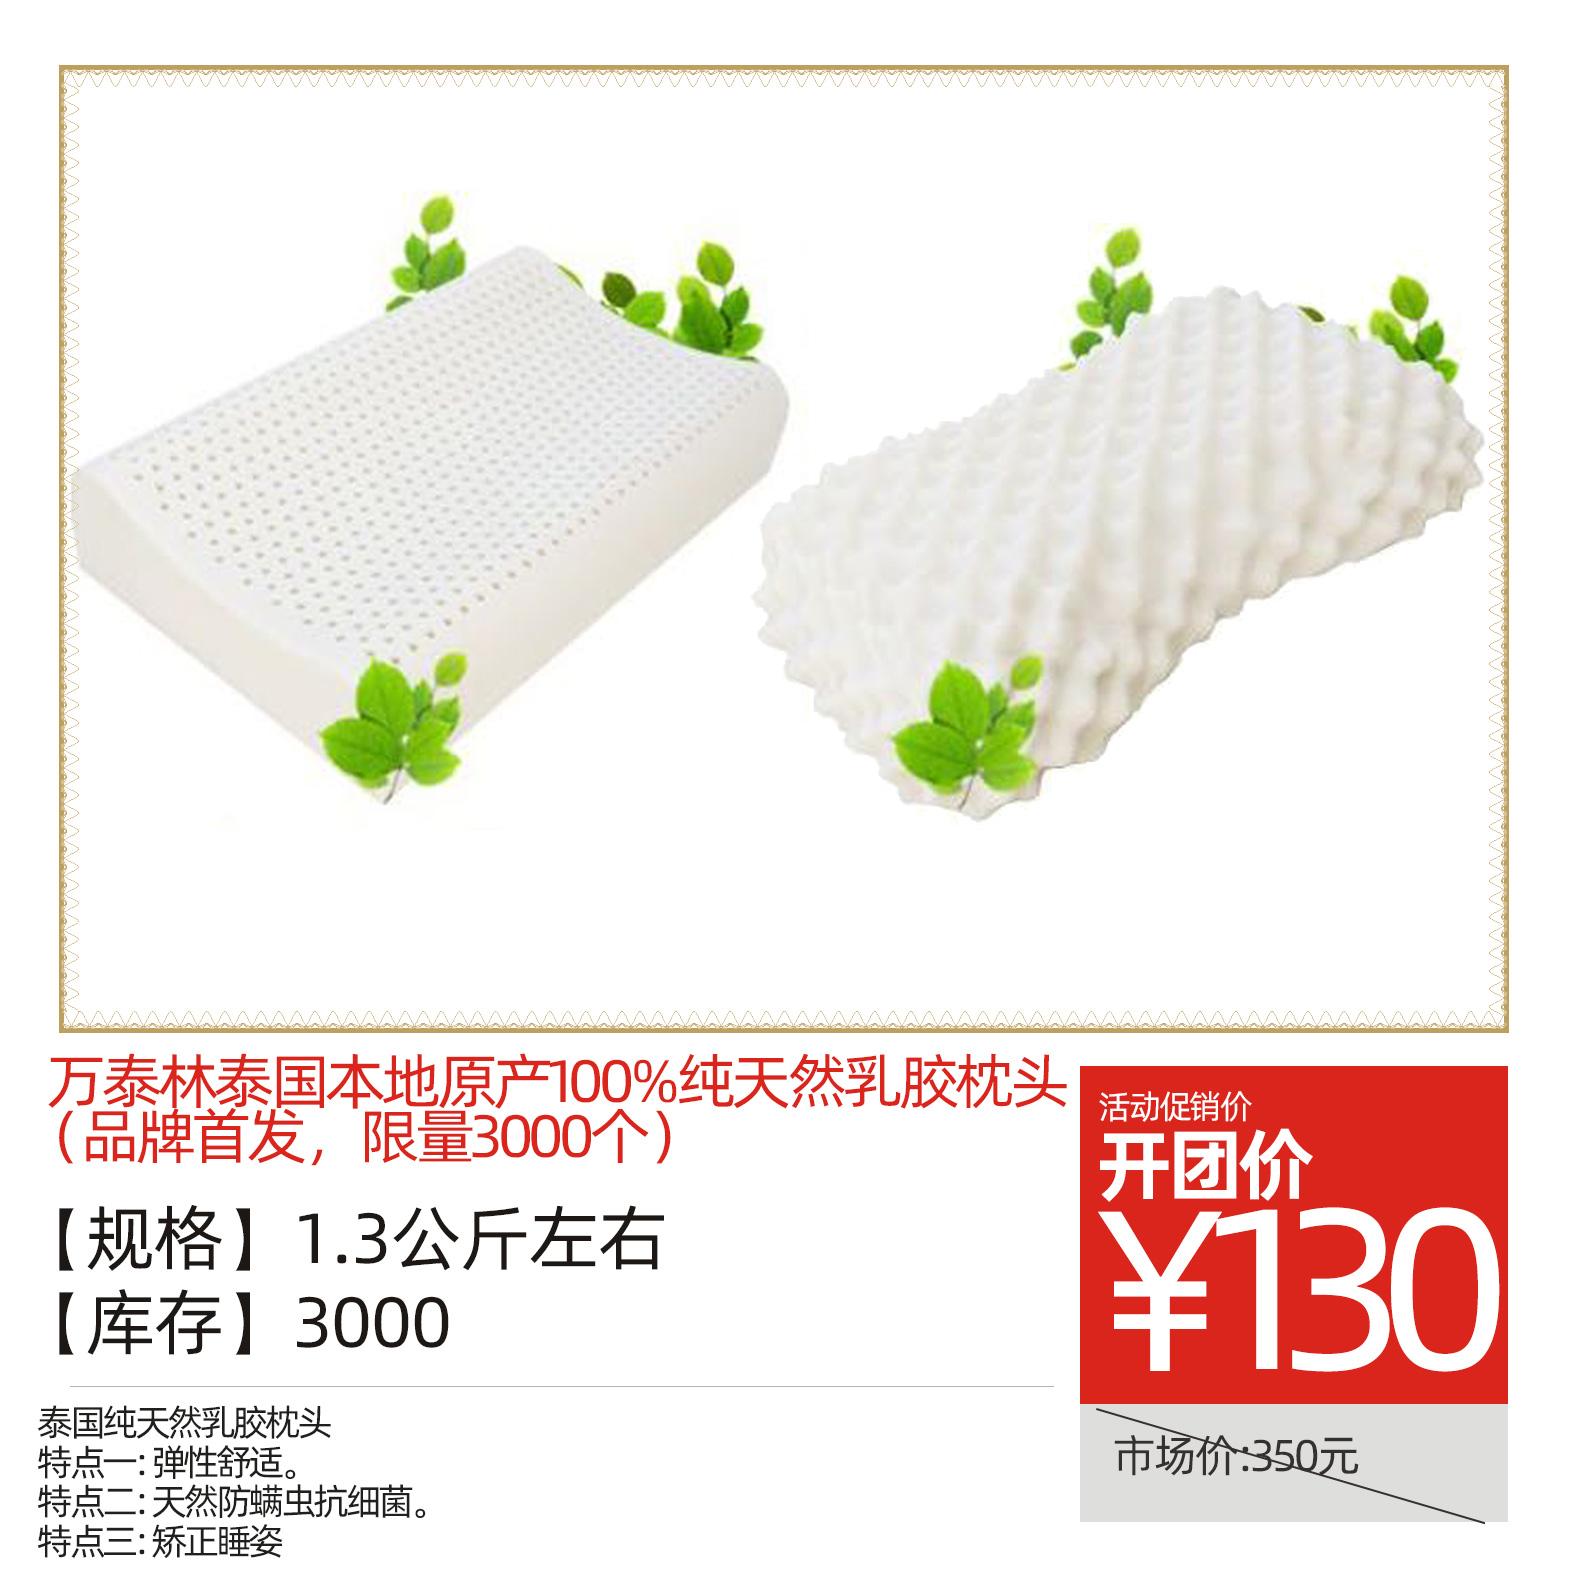 万泰林泰国本地原产100%纯天然乳胶枕头(品牌首发,限量3000个)